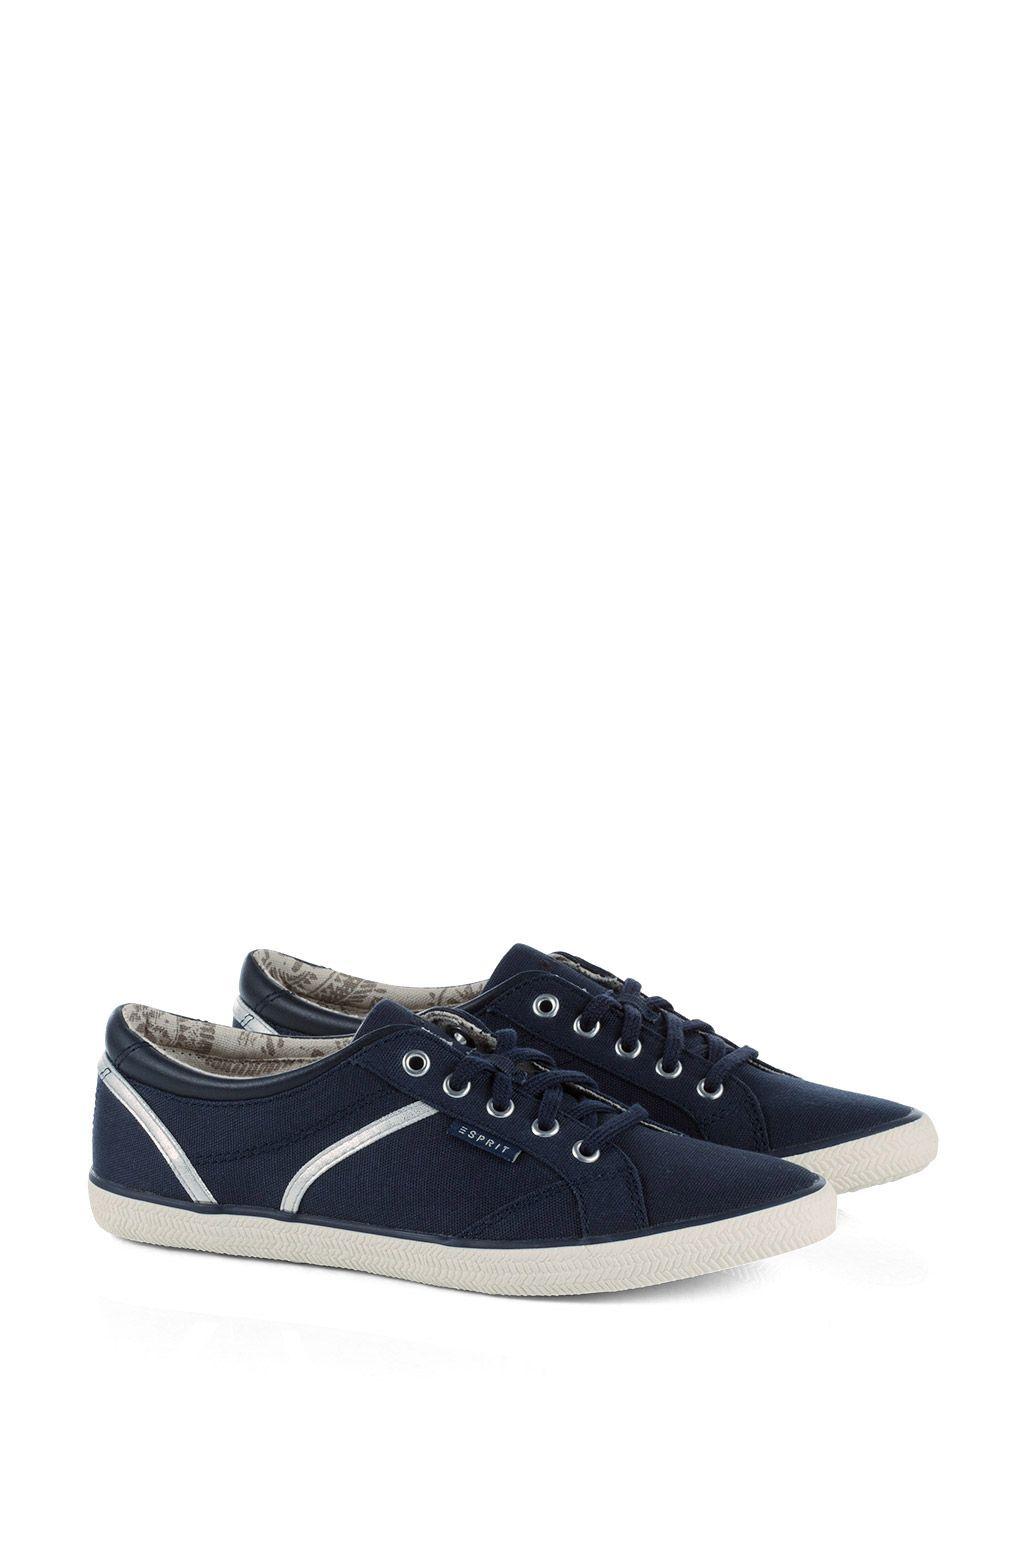 e487e8f12512 Esprit   Sneakers fashion en coton à acheter sur la Boutique en ligne